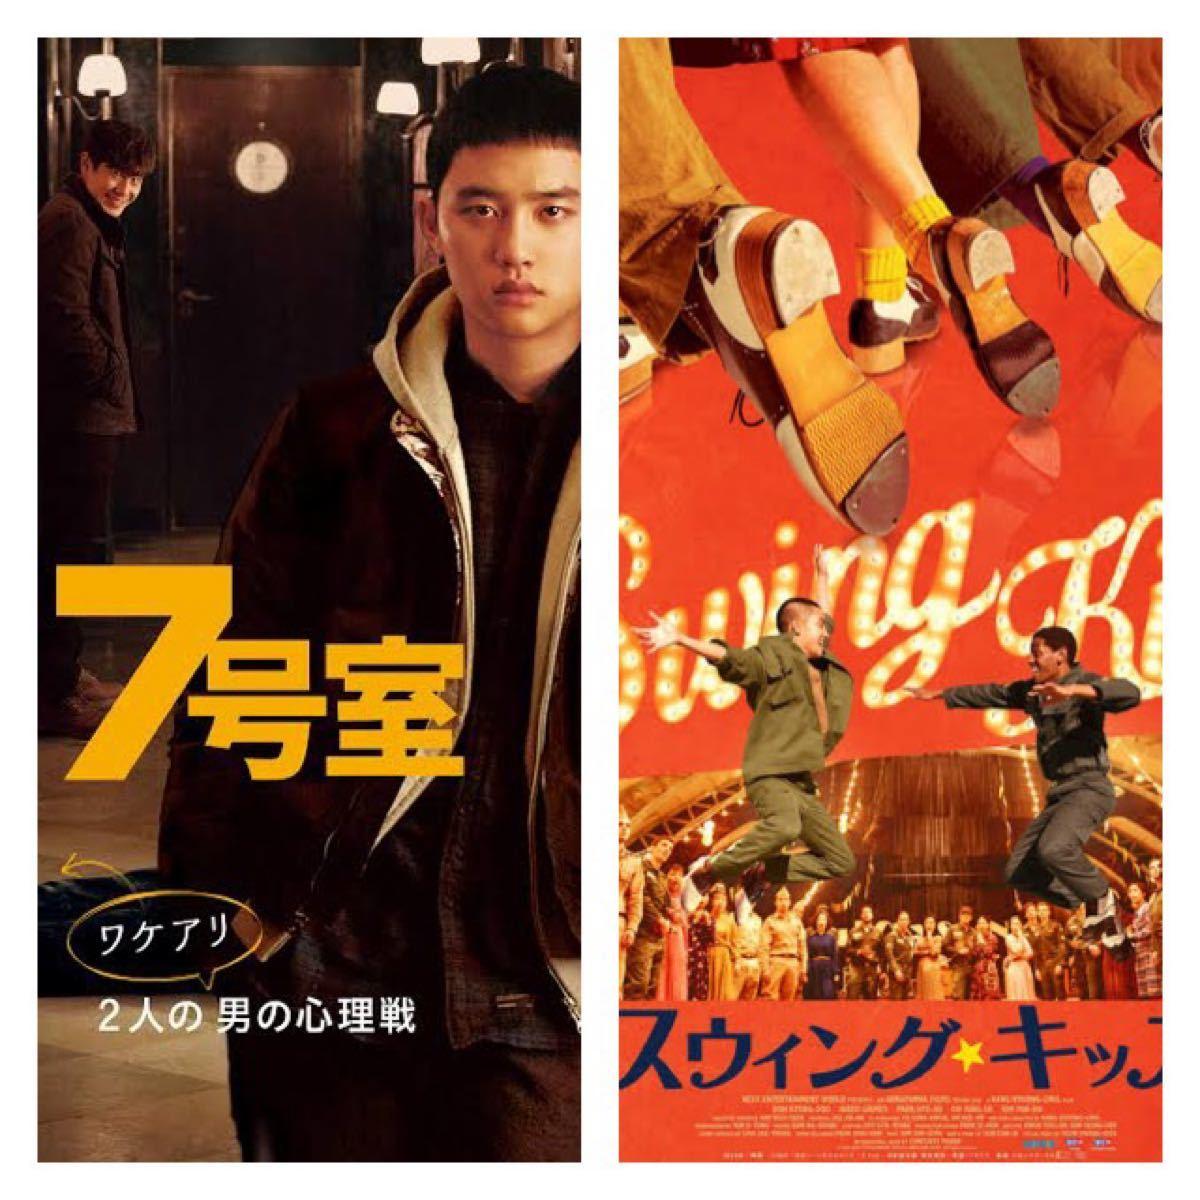 韓国映画DVD2枚セット【7号室/スウィングキッズ】